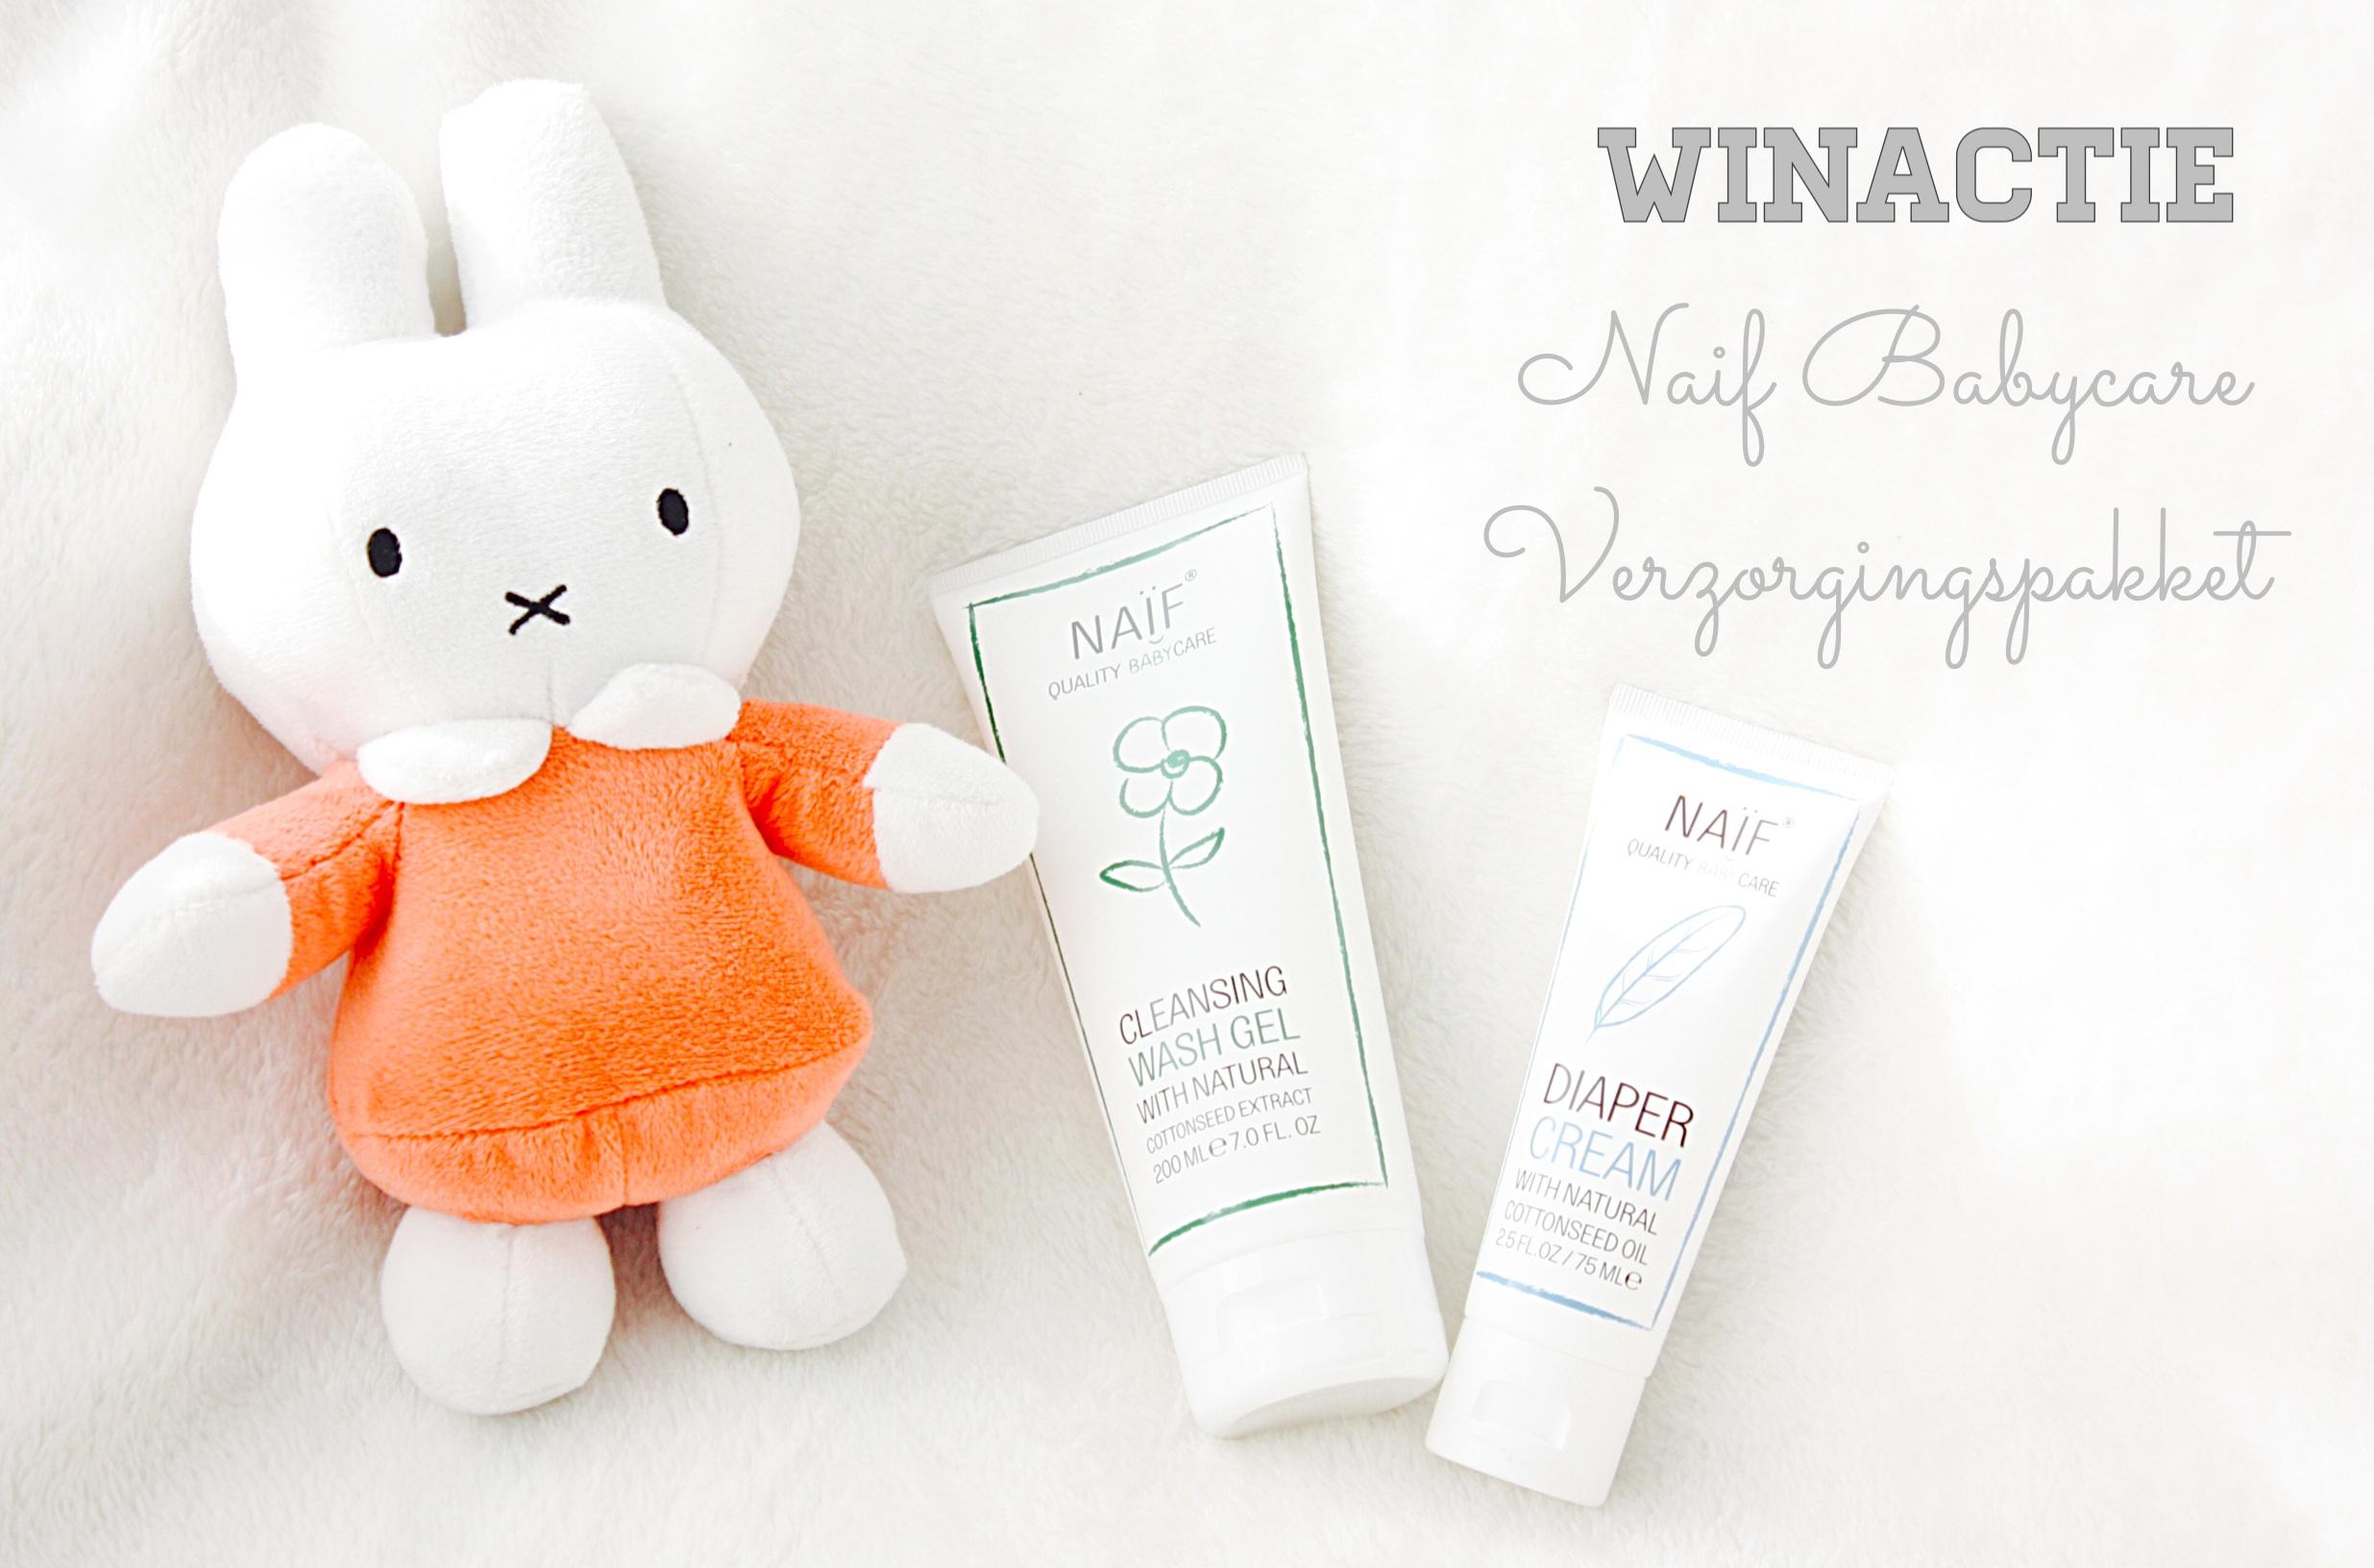 Naifcare mama blog